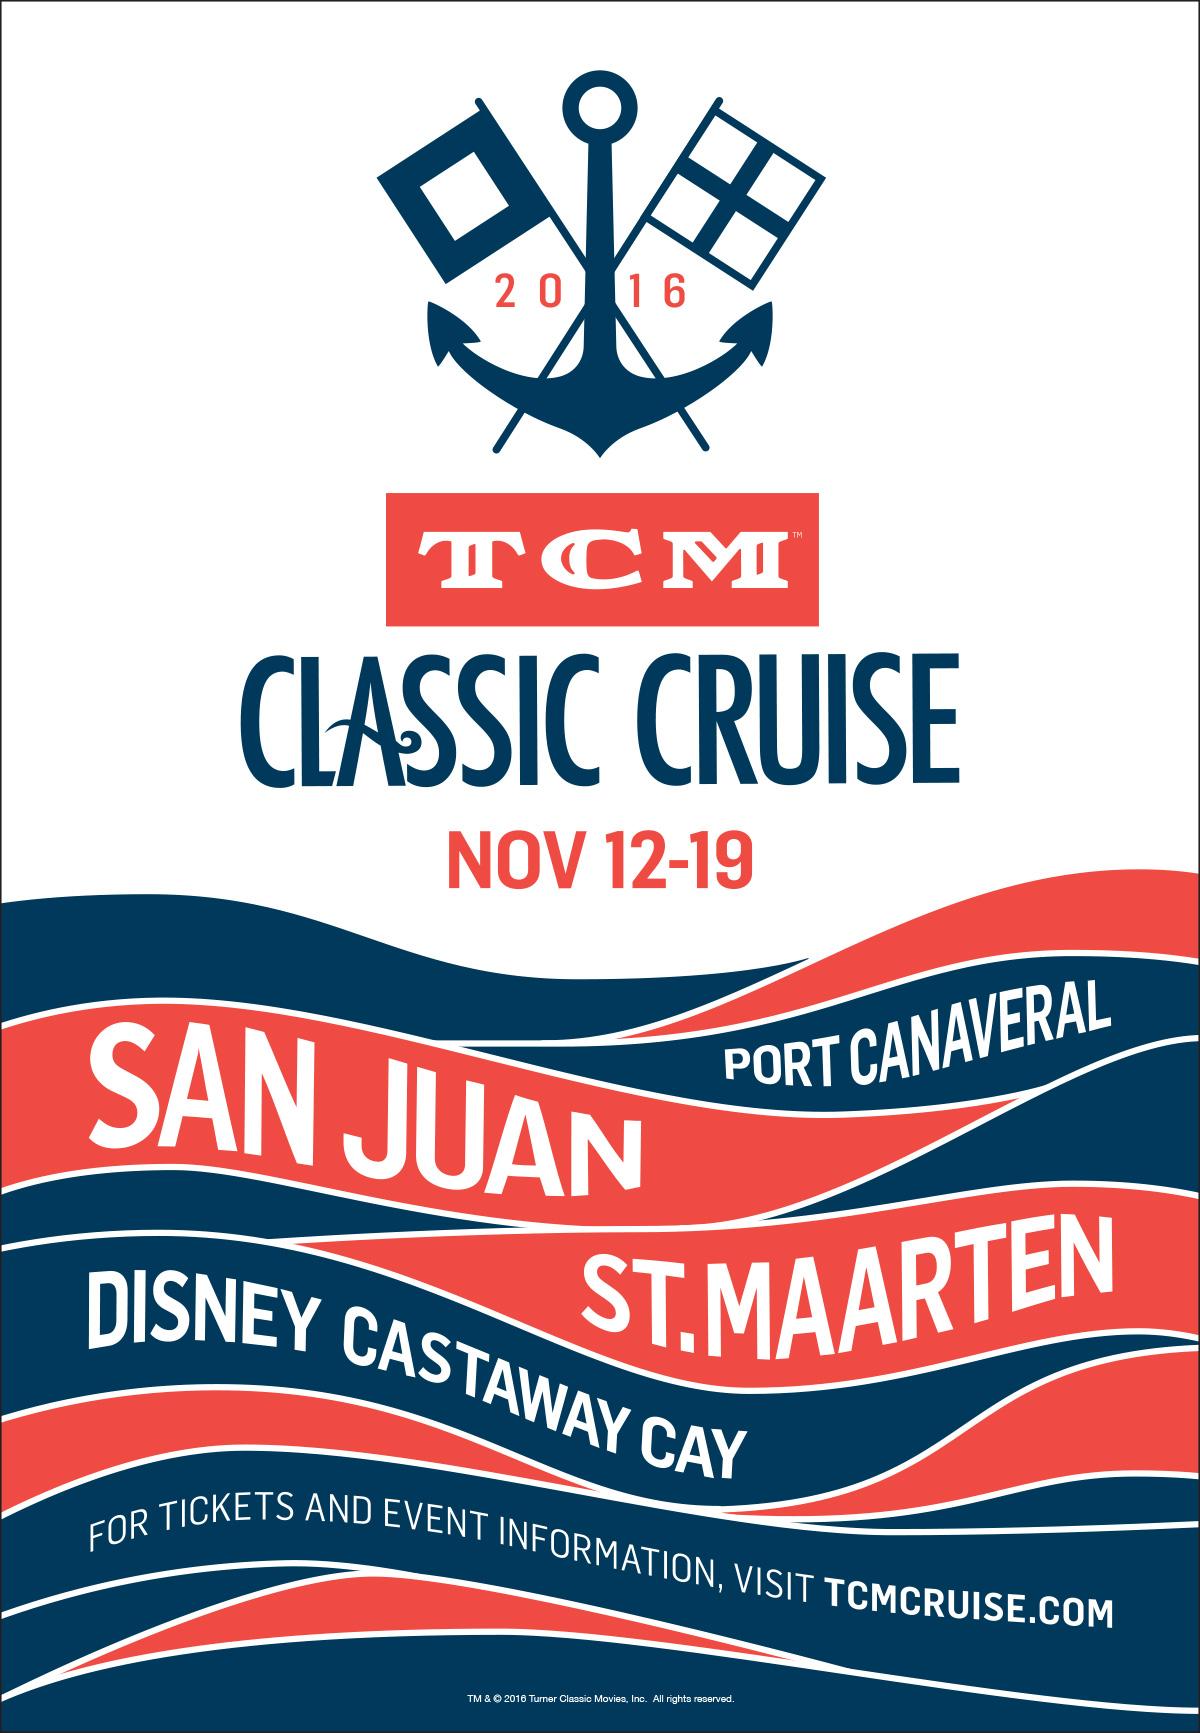 tcm classic cruise - prices